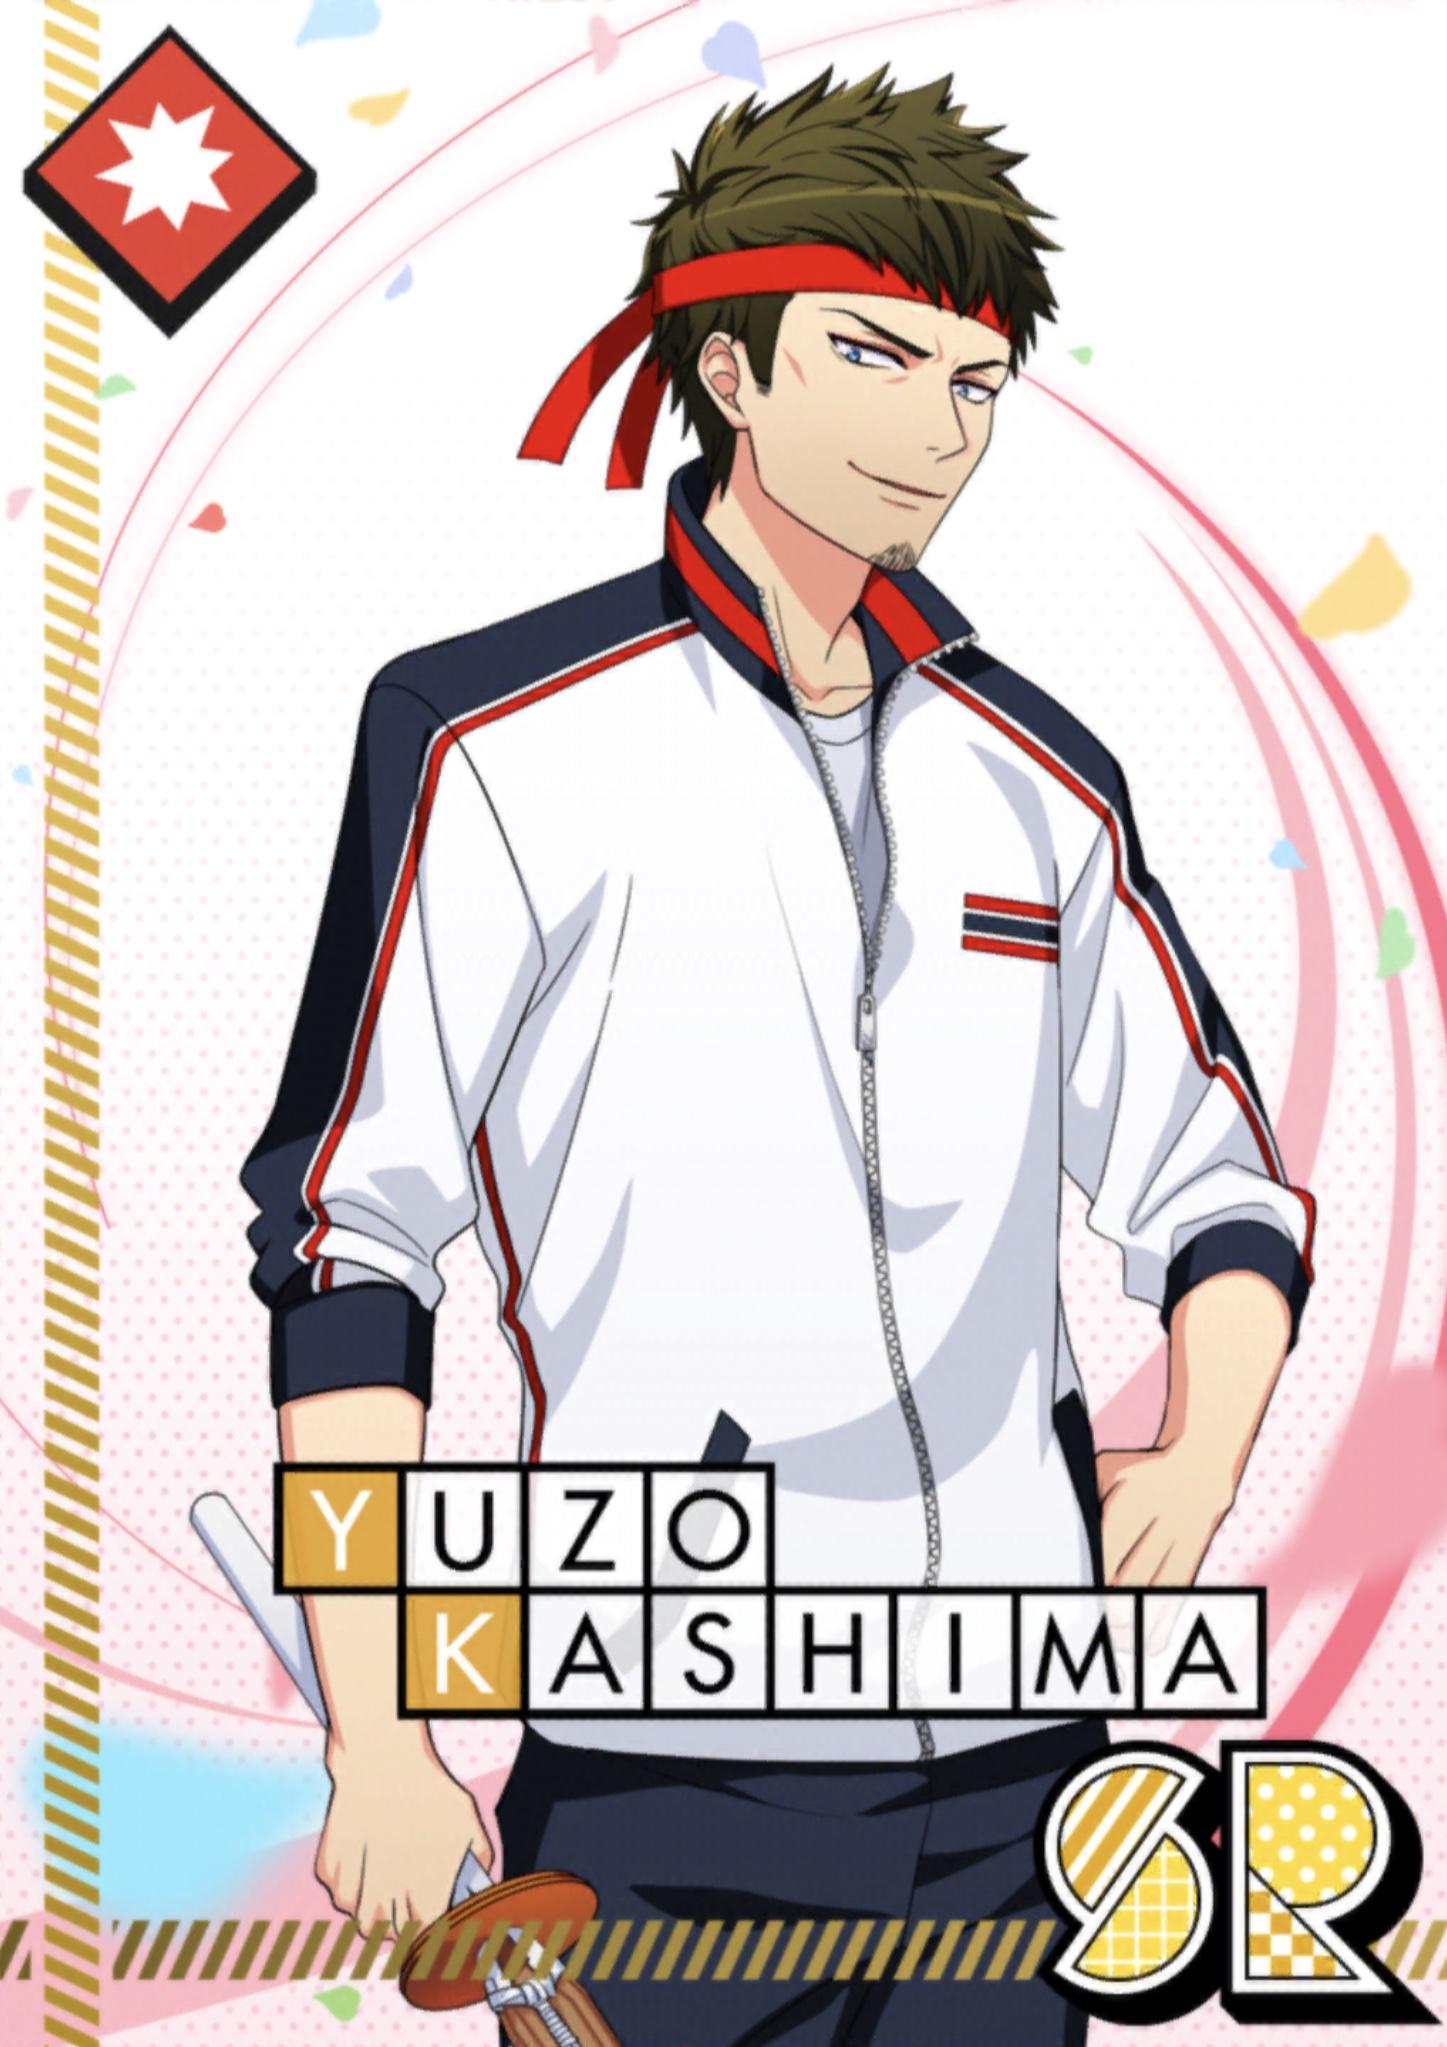 Kashima Yuzo SR 【Ultra Demon Coach】